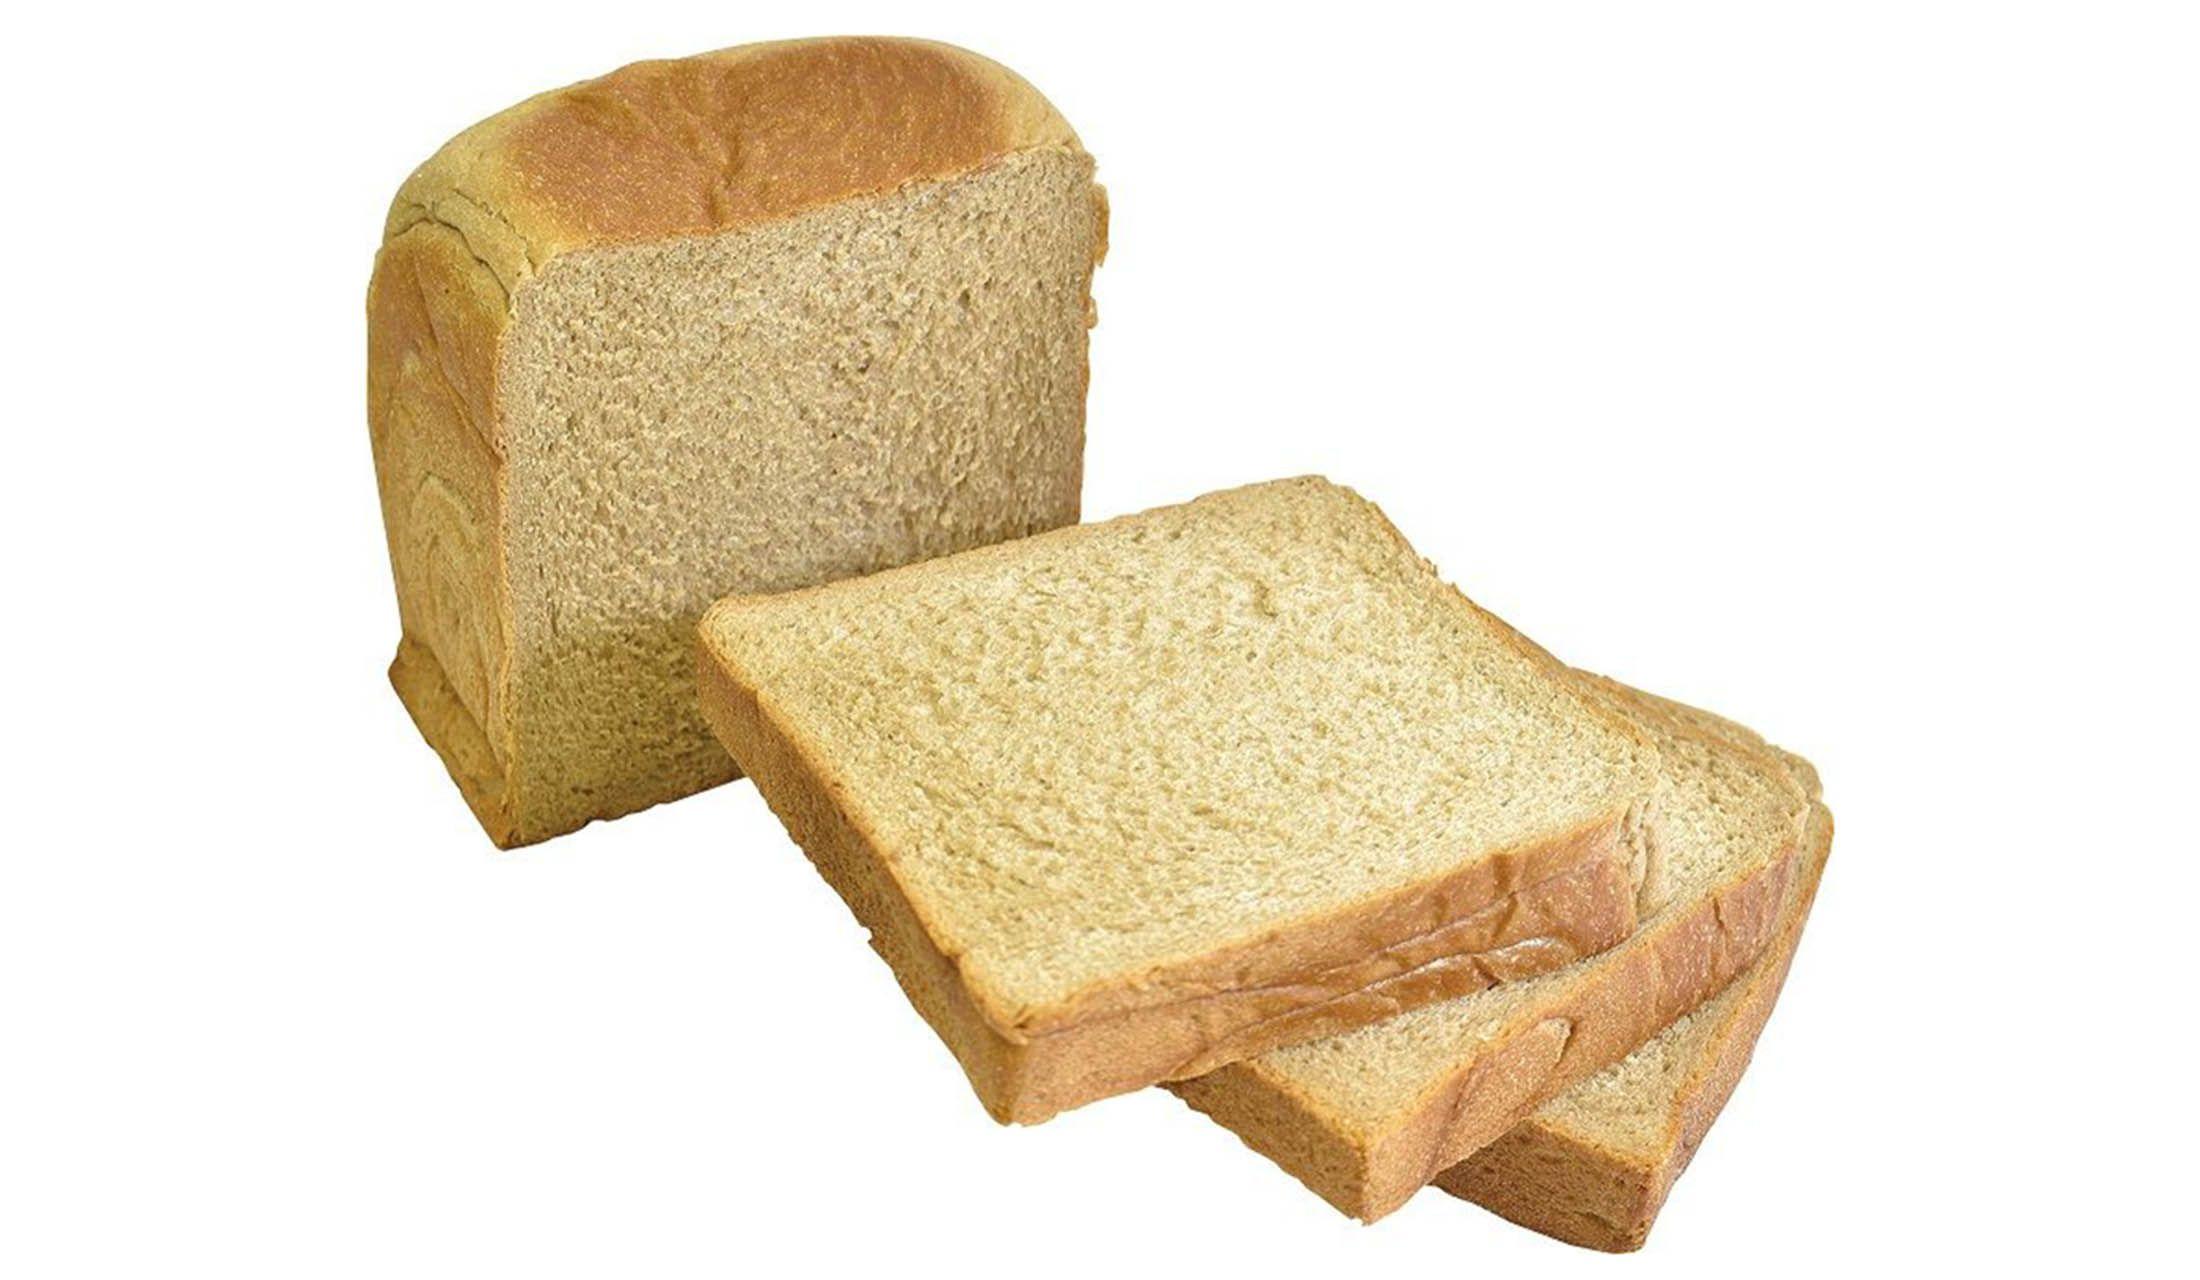 一本堂のカフェオレ食パン